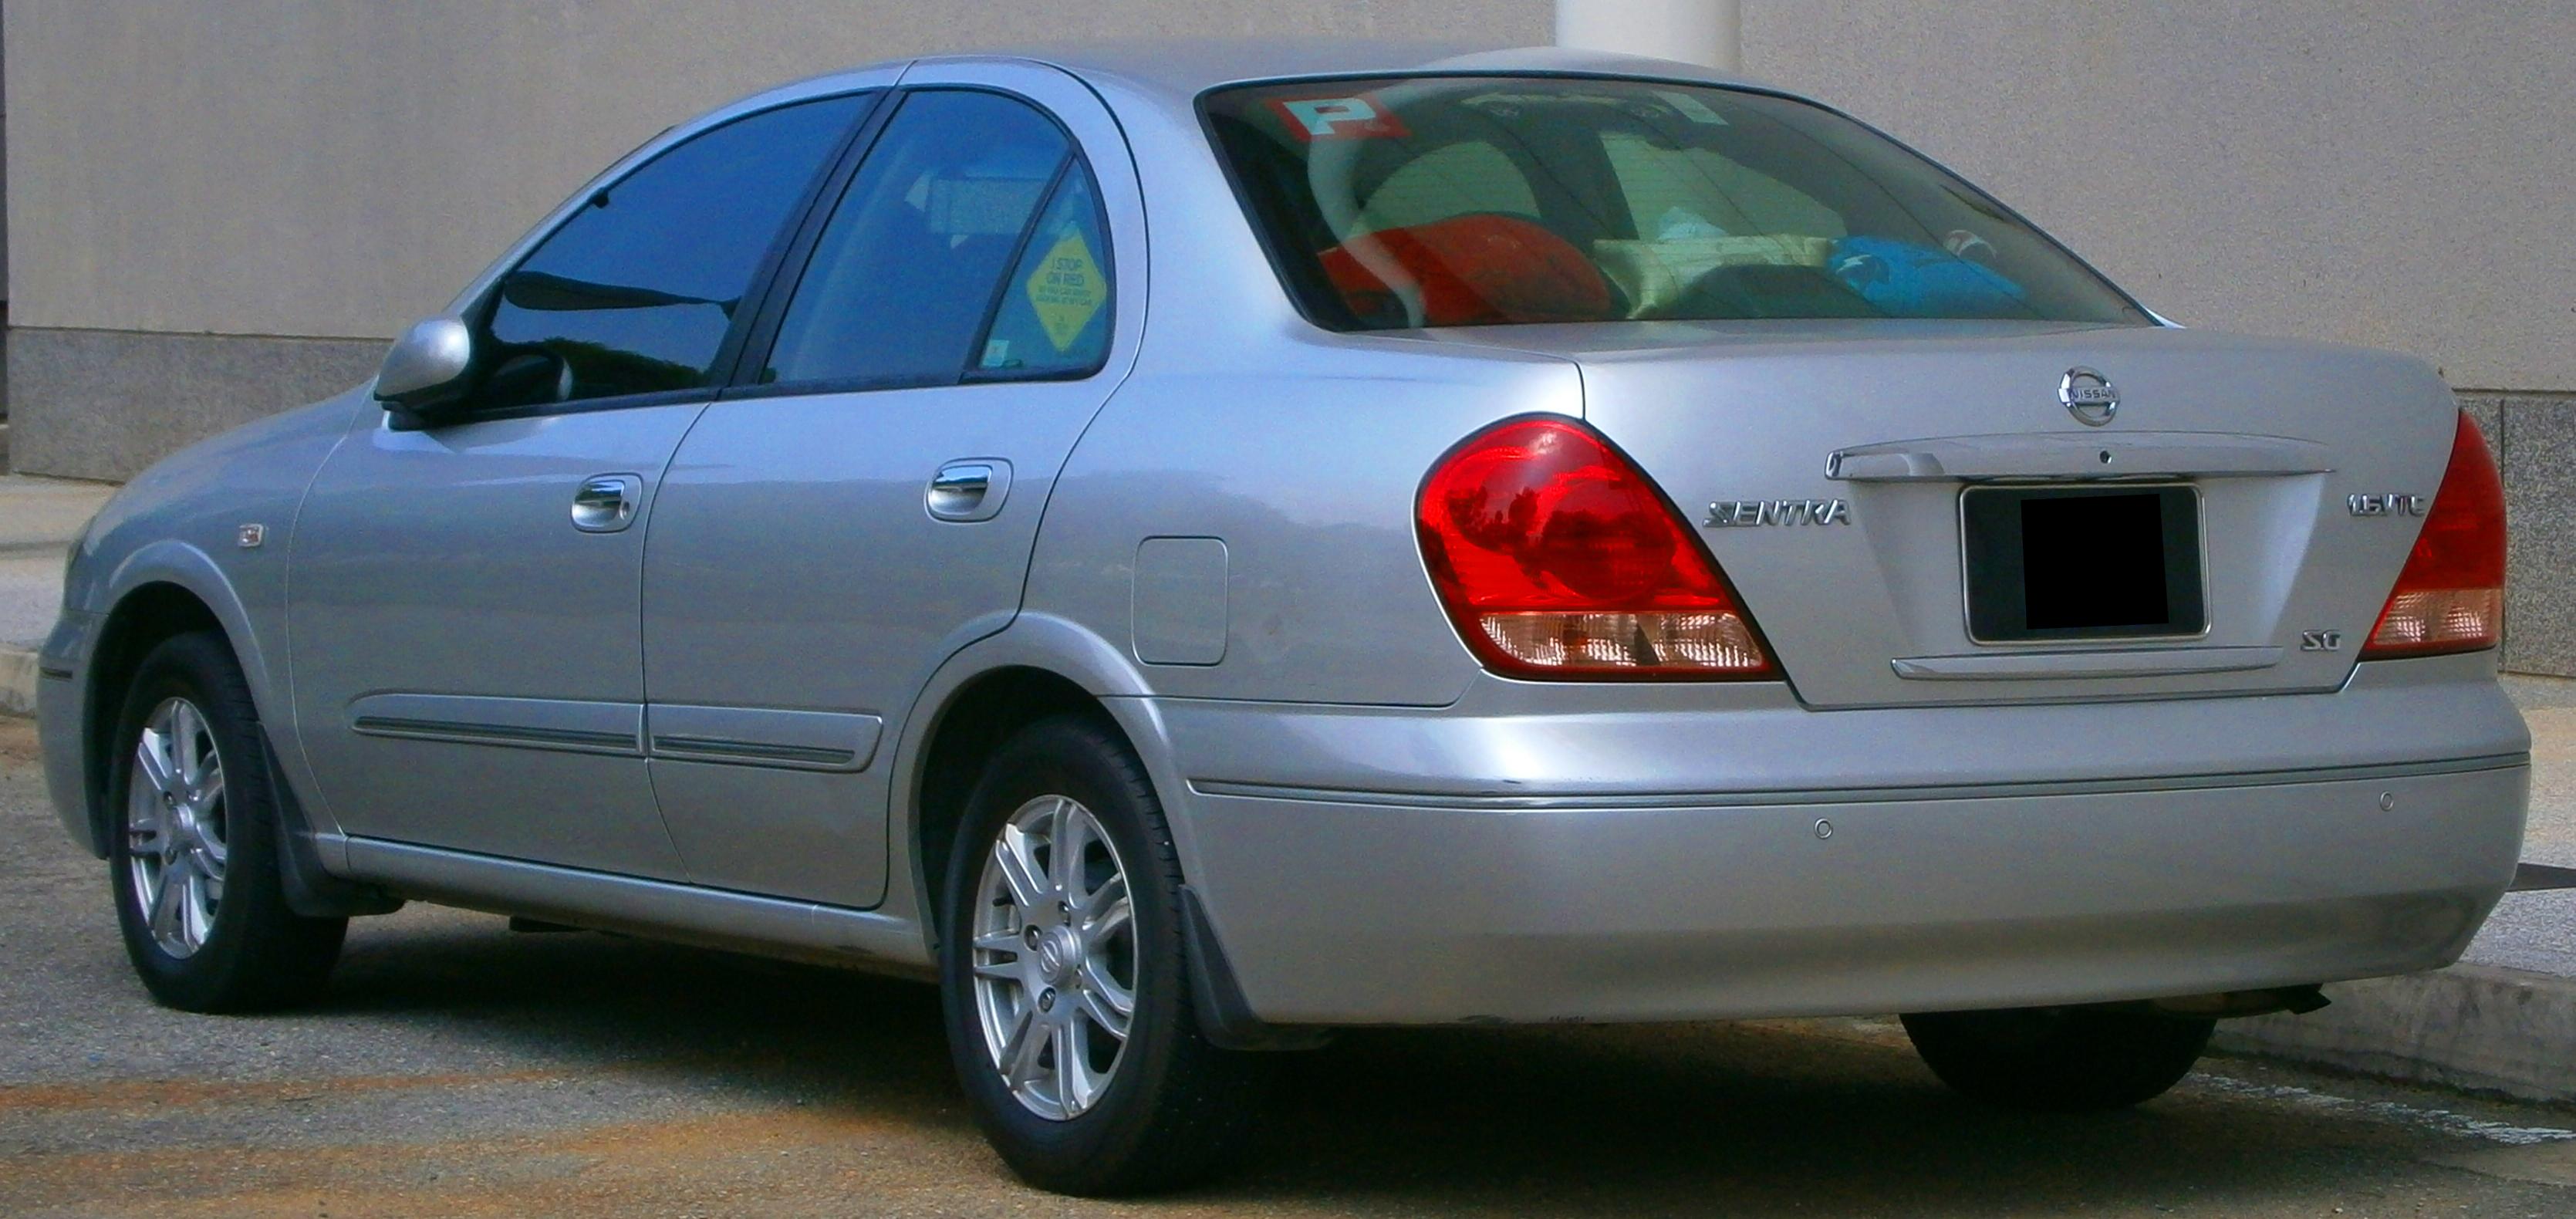 File:2004 Nissan Sentra N16 SG in Cyberjaya, Malaysia (02 ...